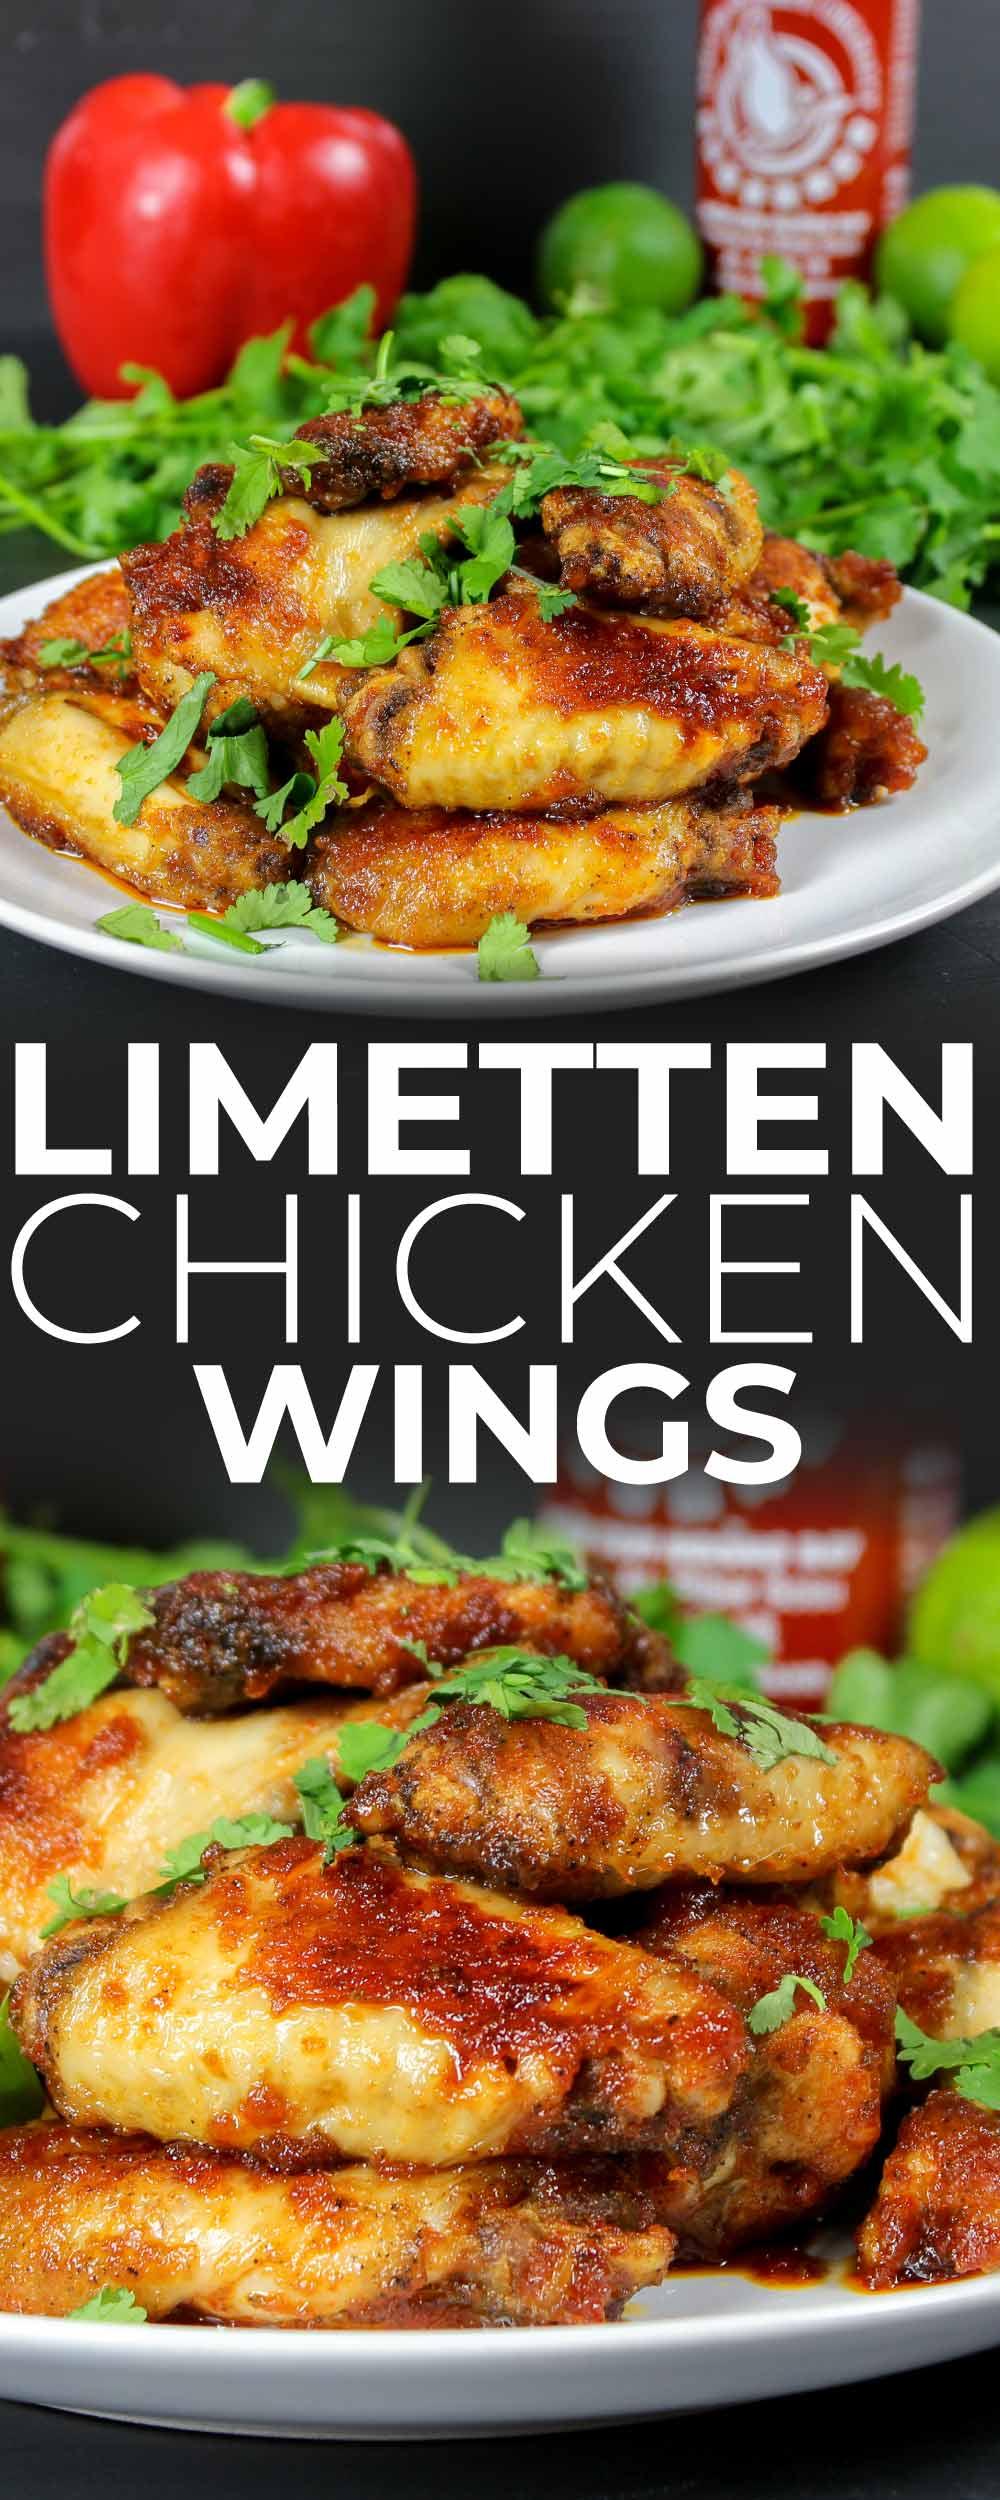 Limetten Chicken Wings Pin